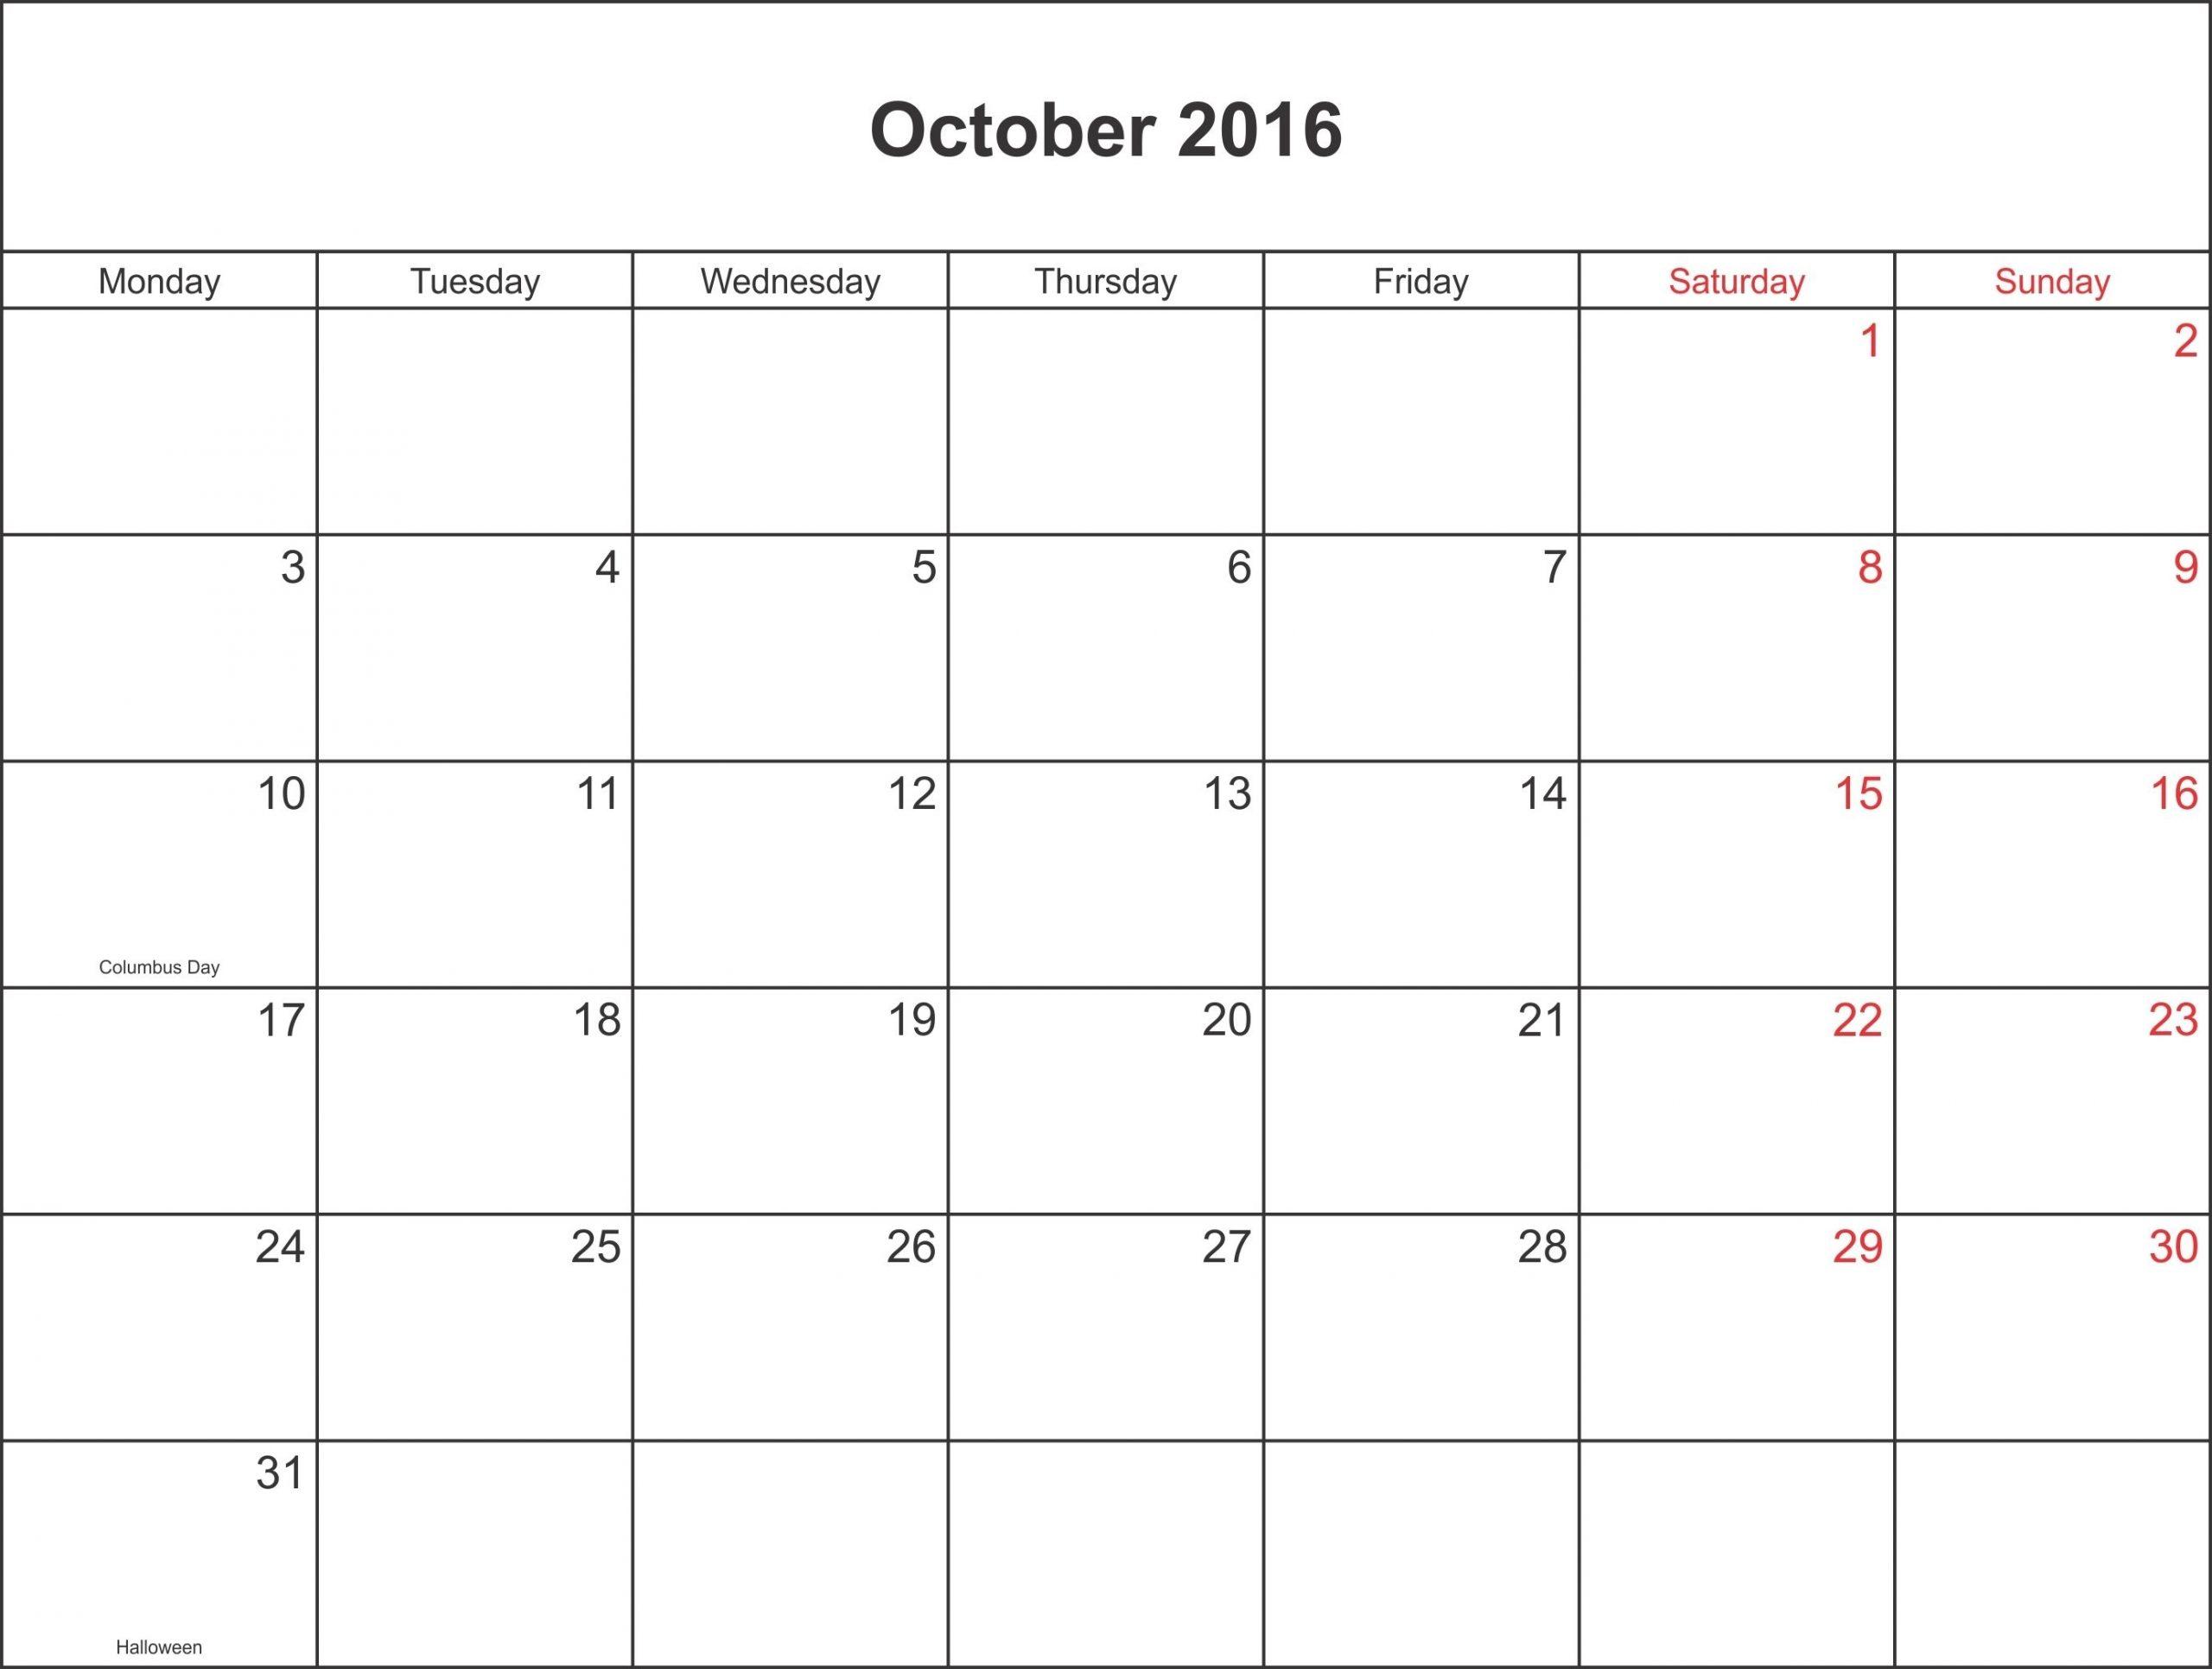 October 2016 Calendar Waterproof | August Calendar